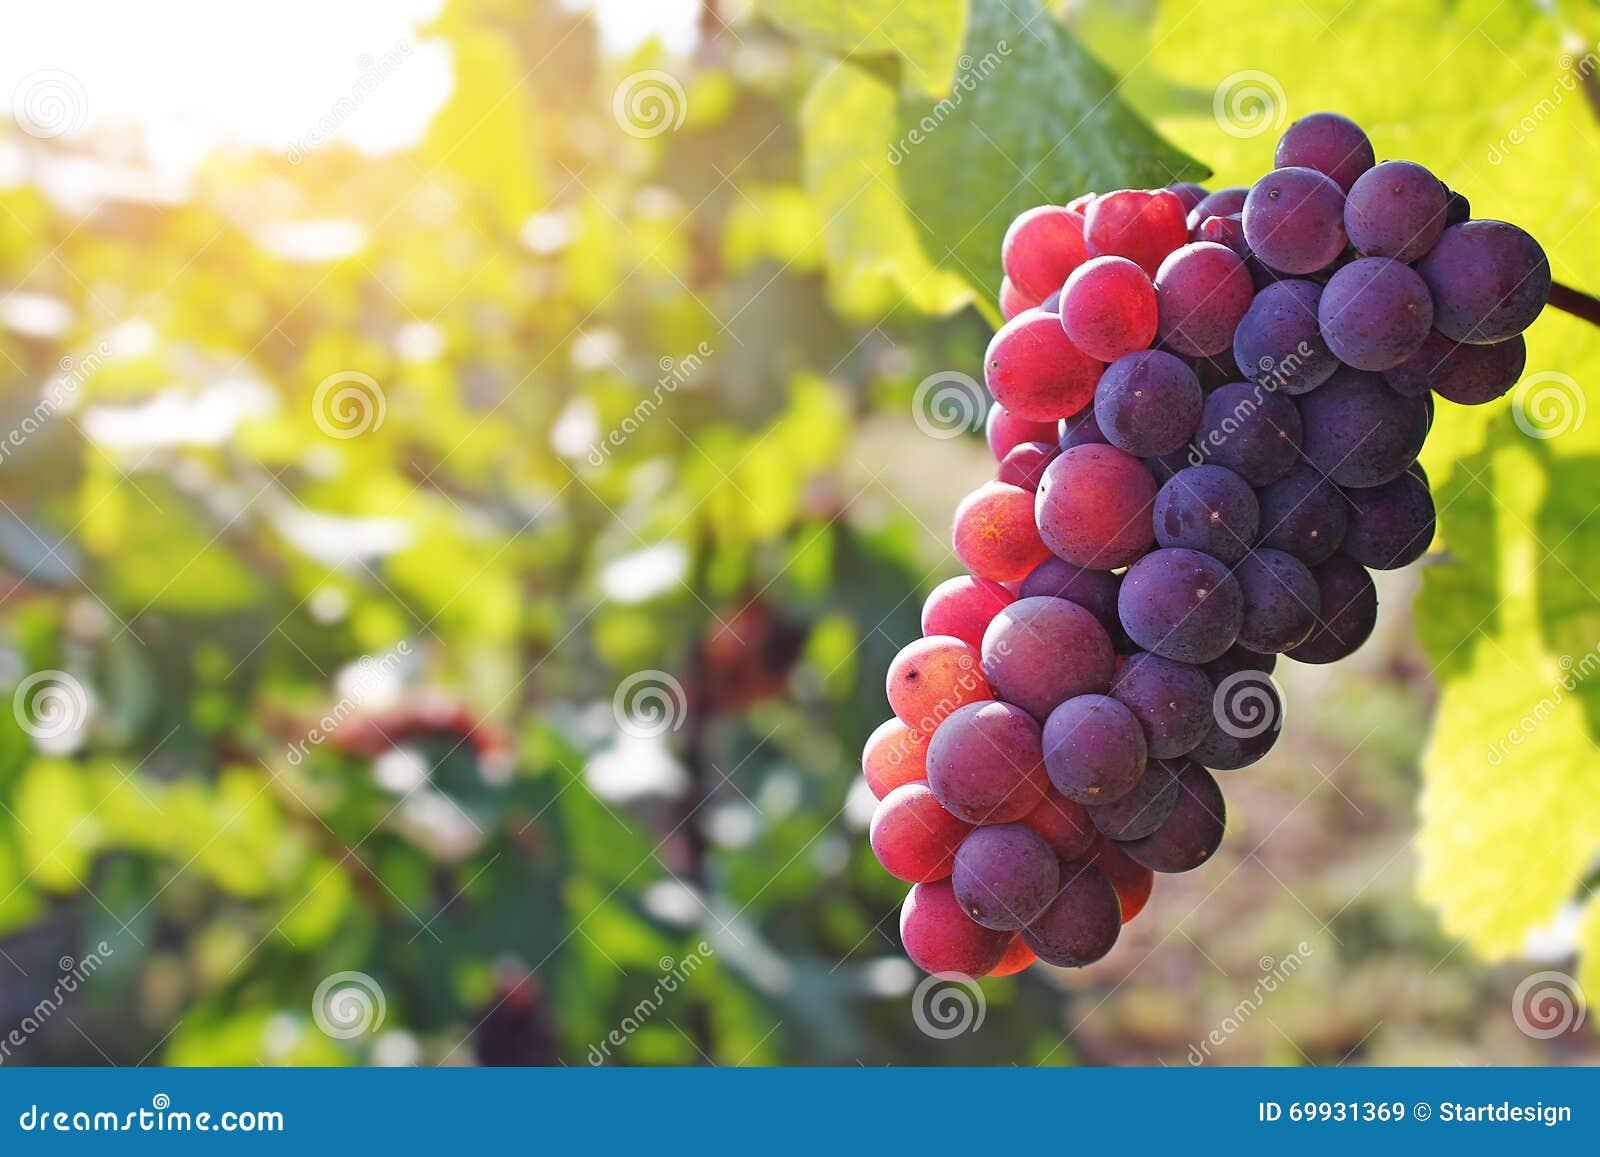 Mazzo di uva rossa